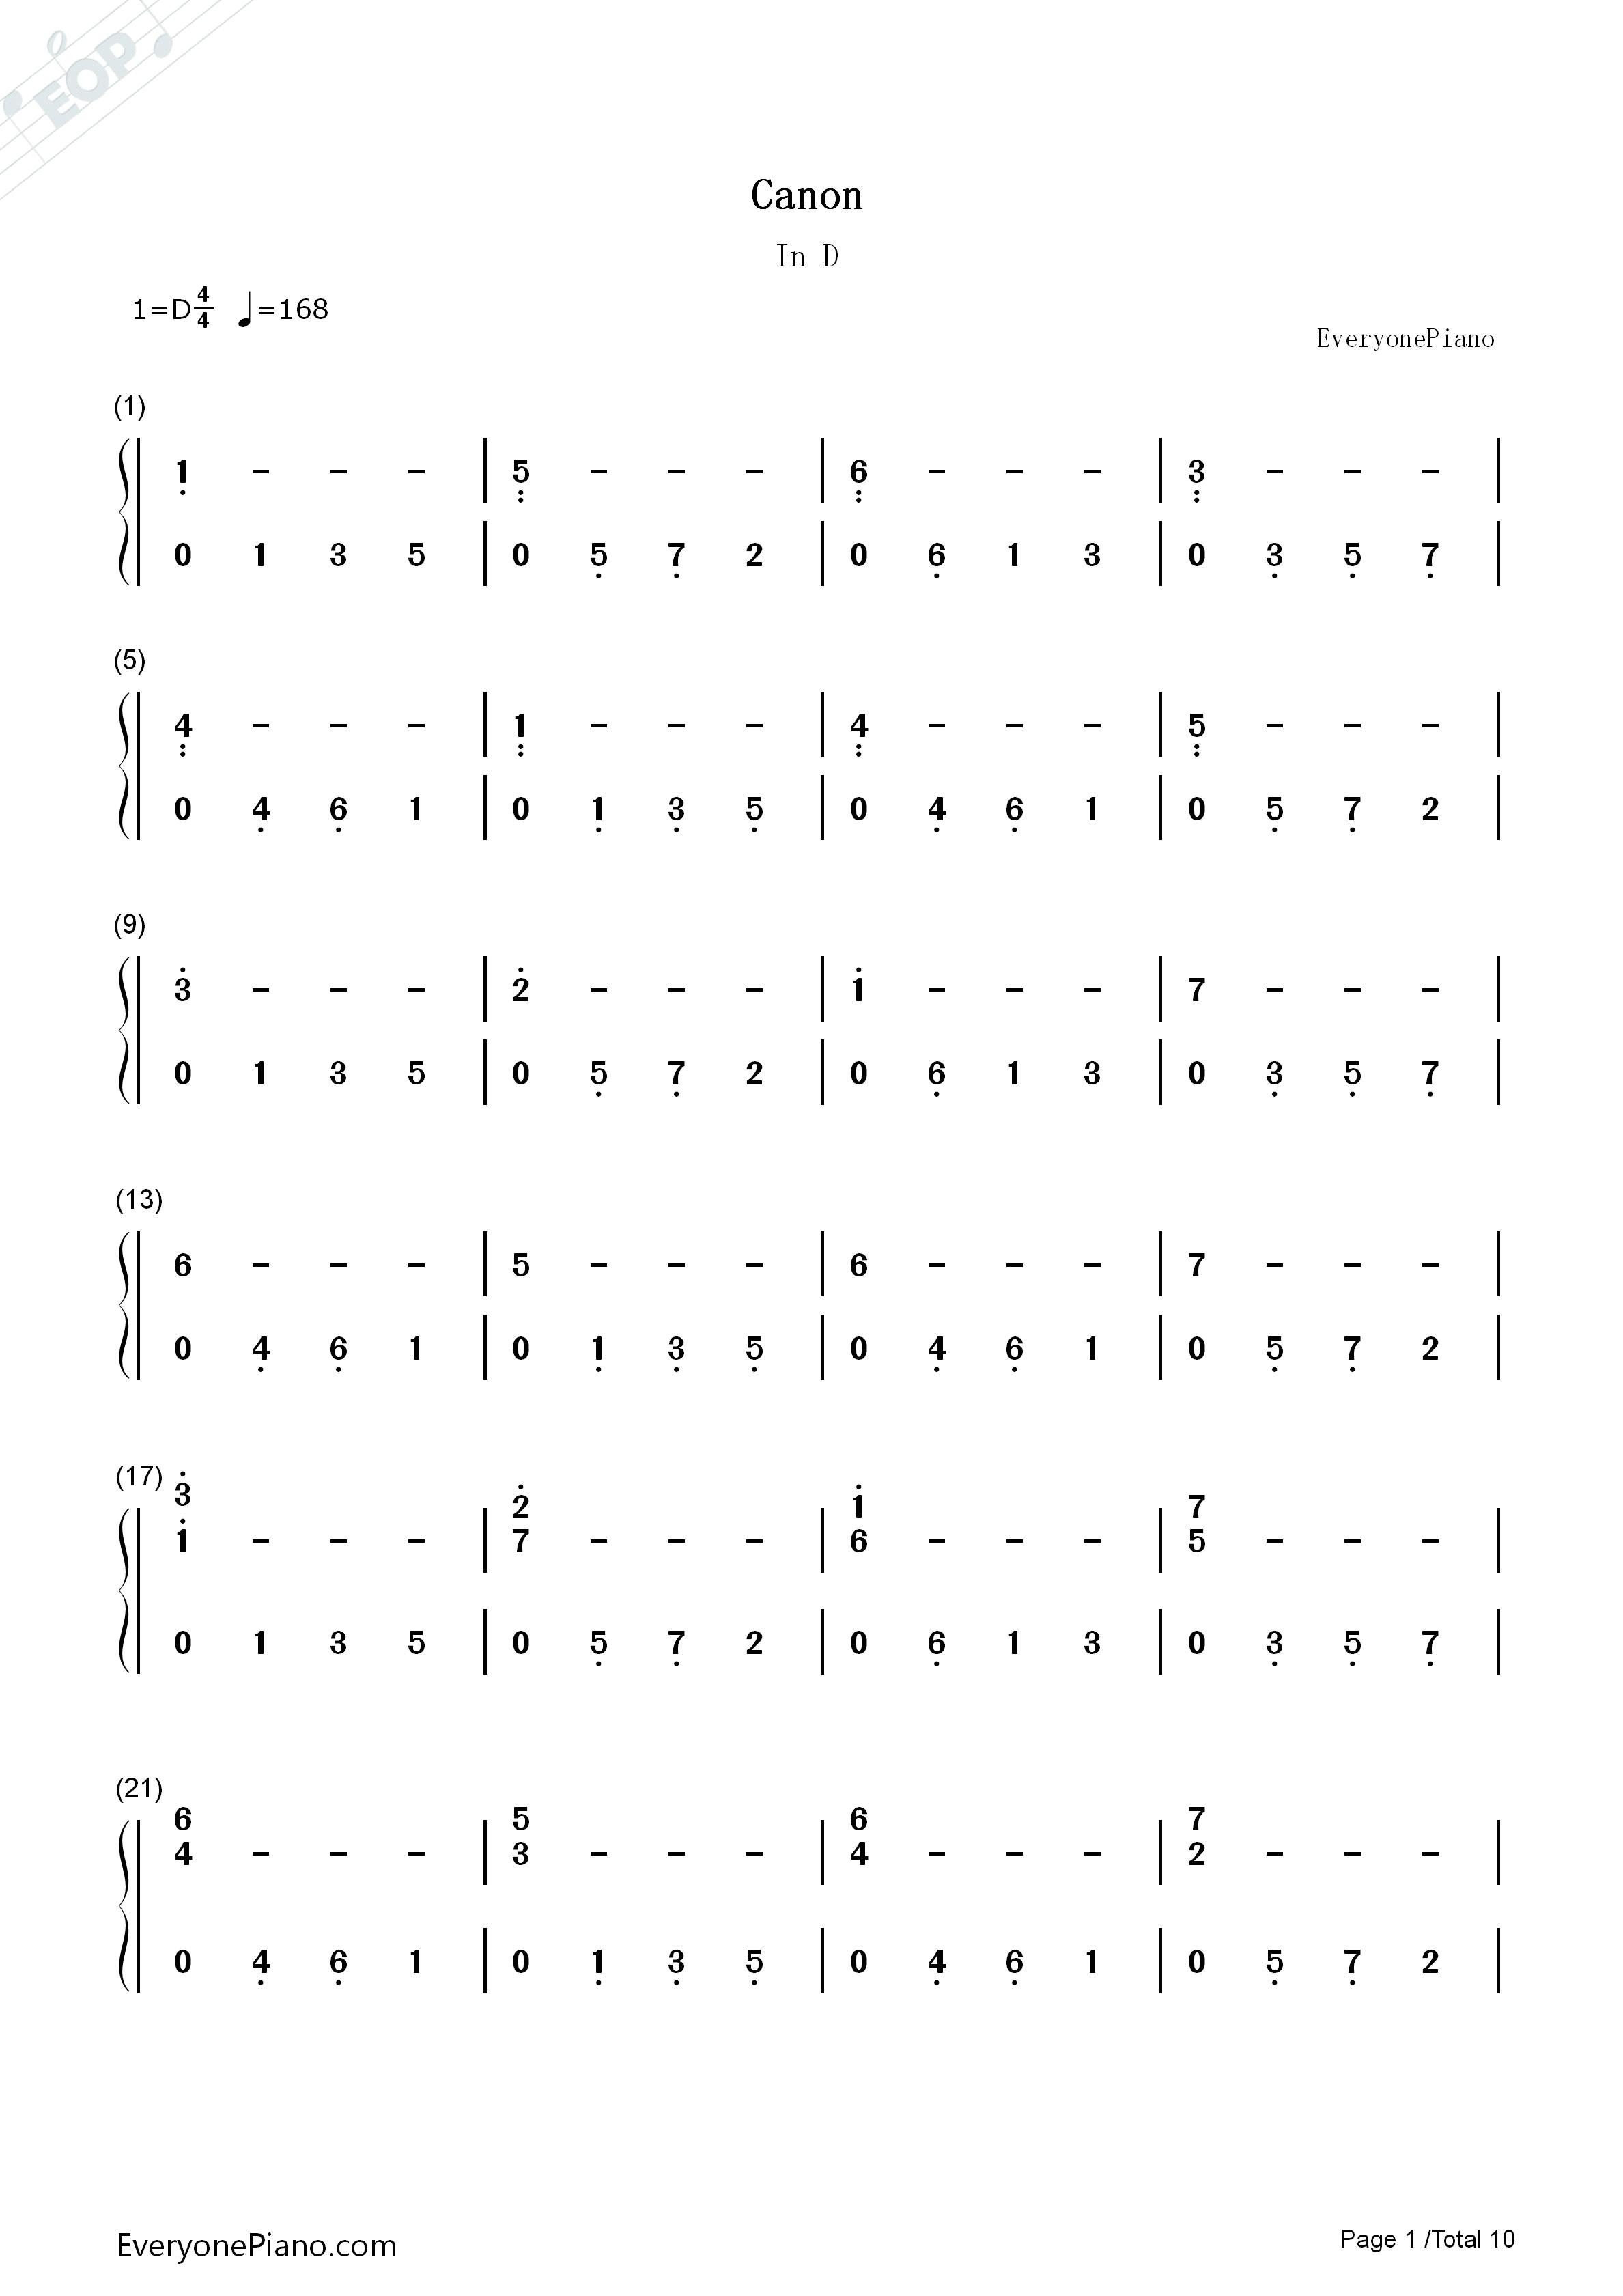 钢琴曲谱 经典 d大调卡农原版-约翰·帕赫贝尔 d大调卡农原版-约翰